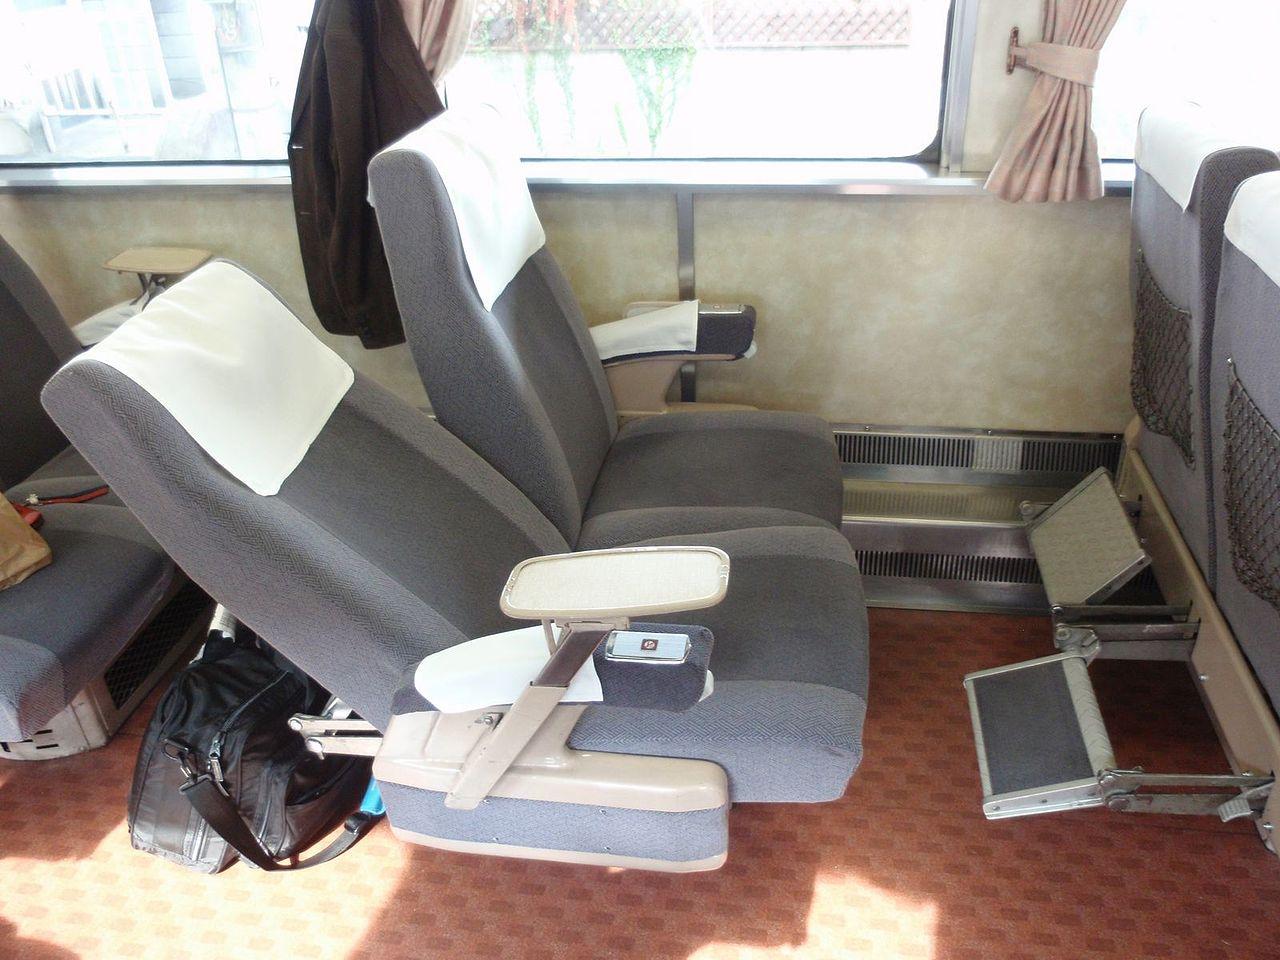 鉄道車両のリクライニングシート(国鉄キハ181系気動車キロ180形)